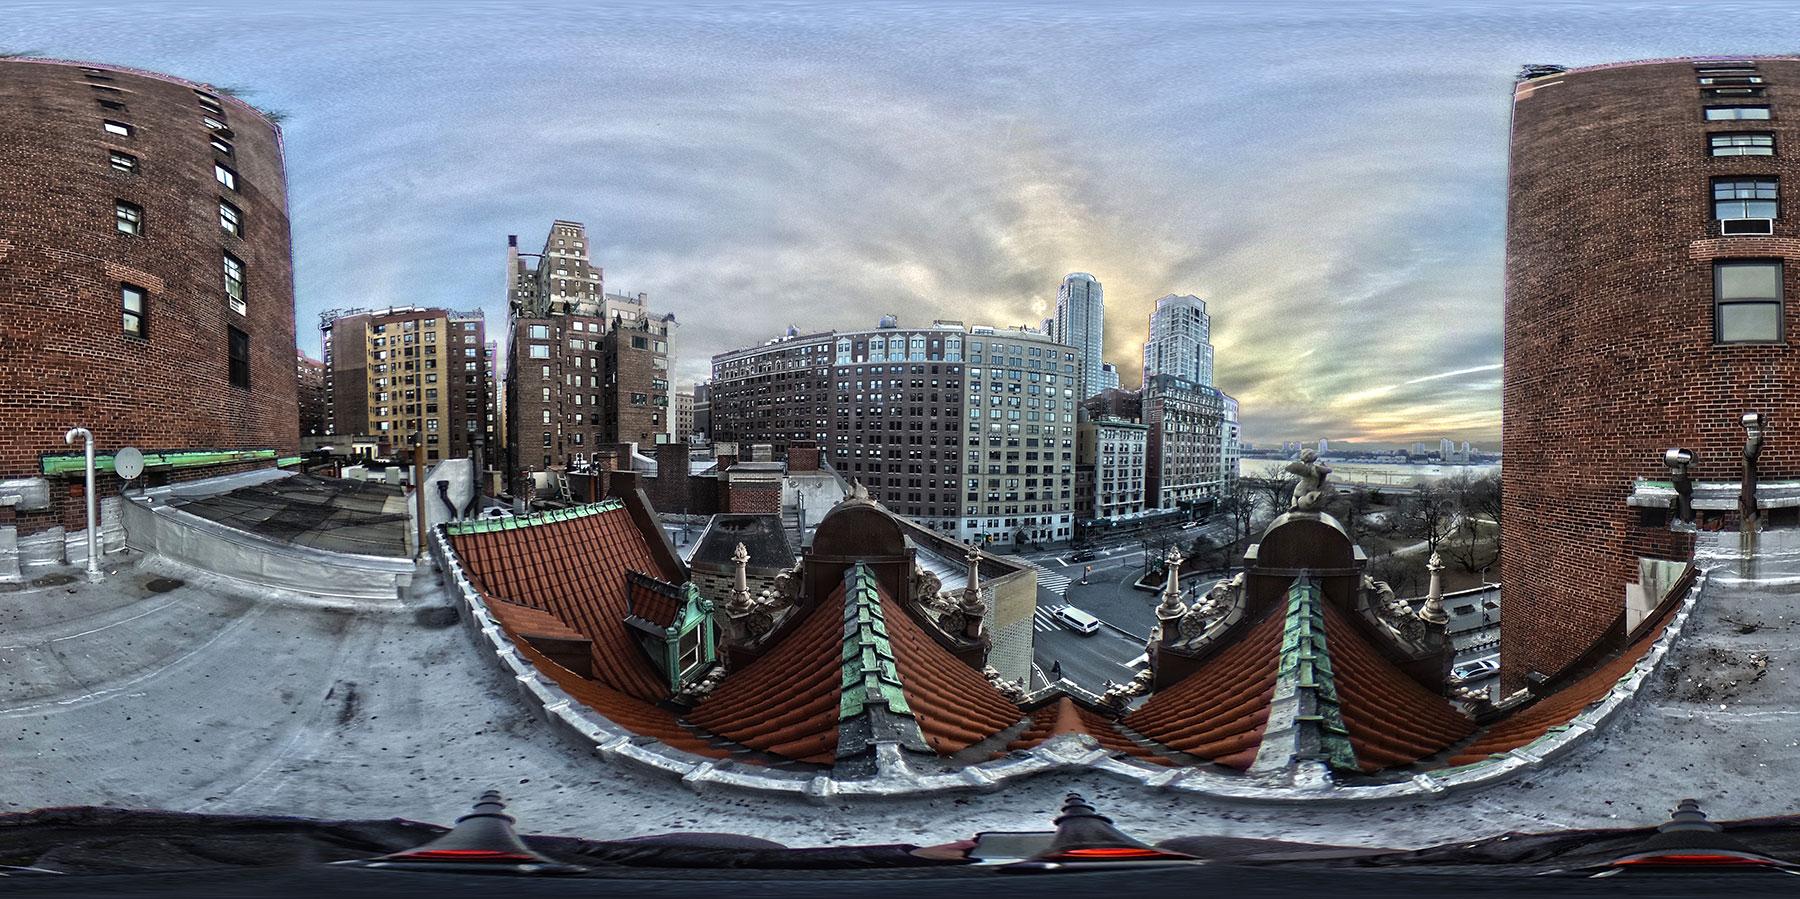 RIVERSIDE-DRIVE-MANSION-MANHATTAN-NYC-REVIT-3D-LASER-SCANNING-POINT-CLOUD-MYND-WORKSHOP-14.jpg